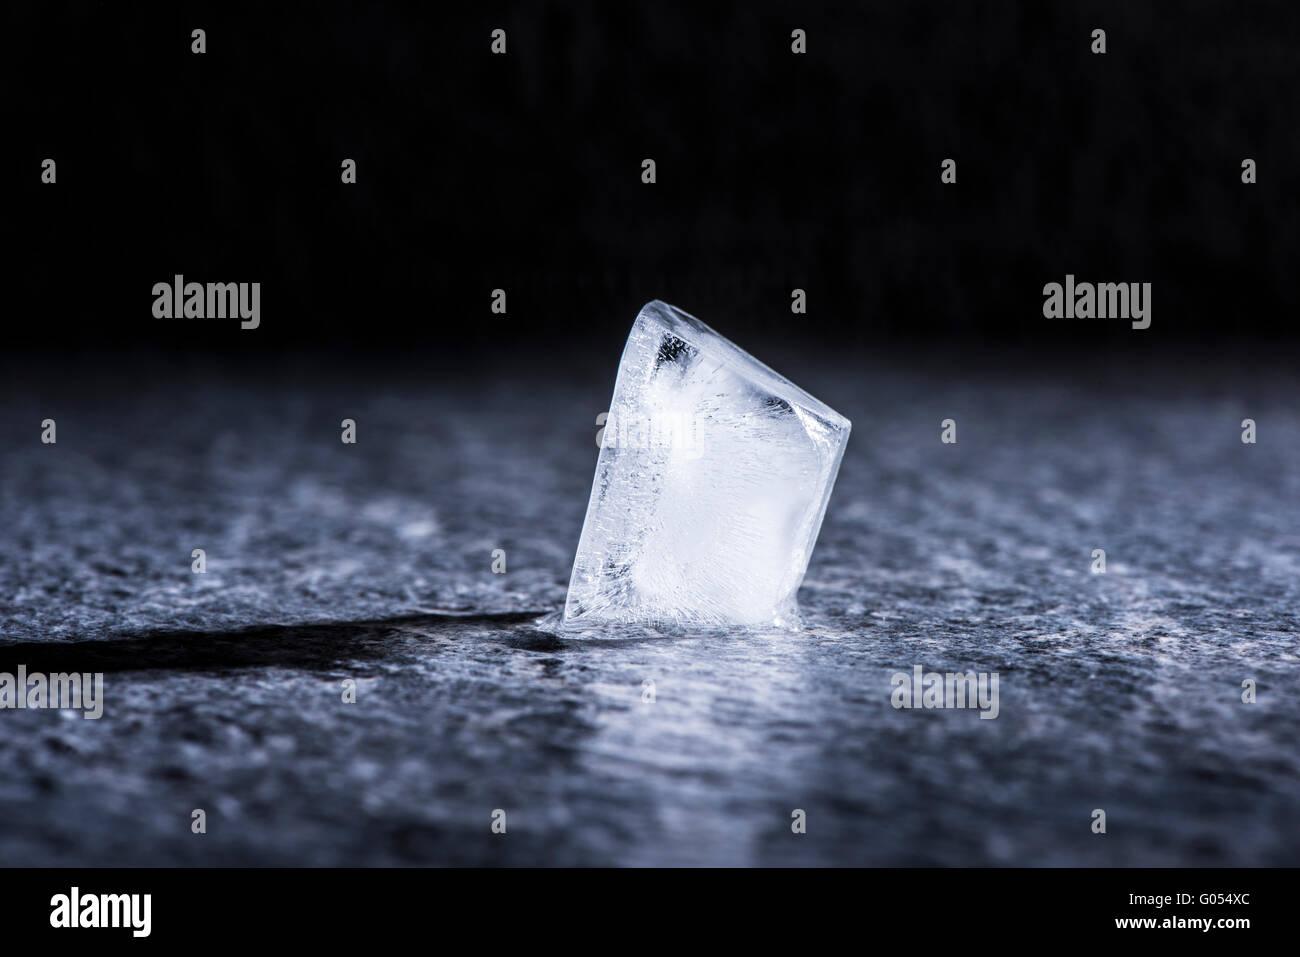 La fusione di cubetti di ghiaccio in stretta verso l'alto. Concetto di temperatura fredda, acqua e cambiare. Immagini Stock